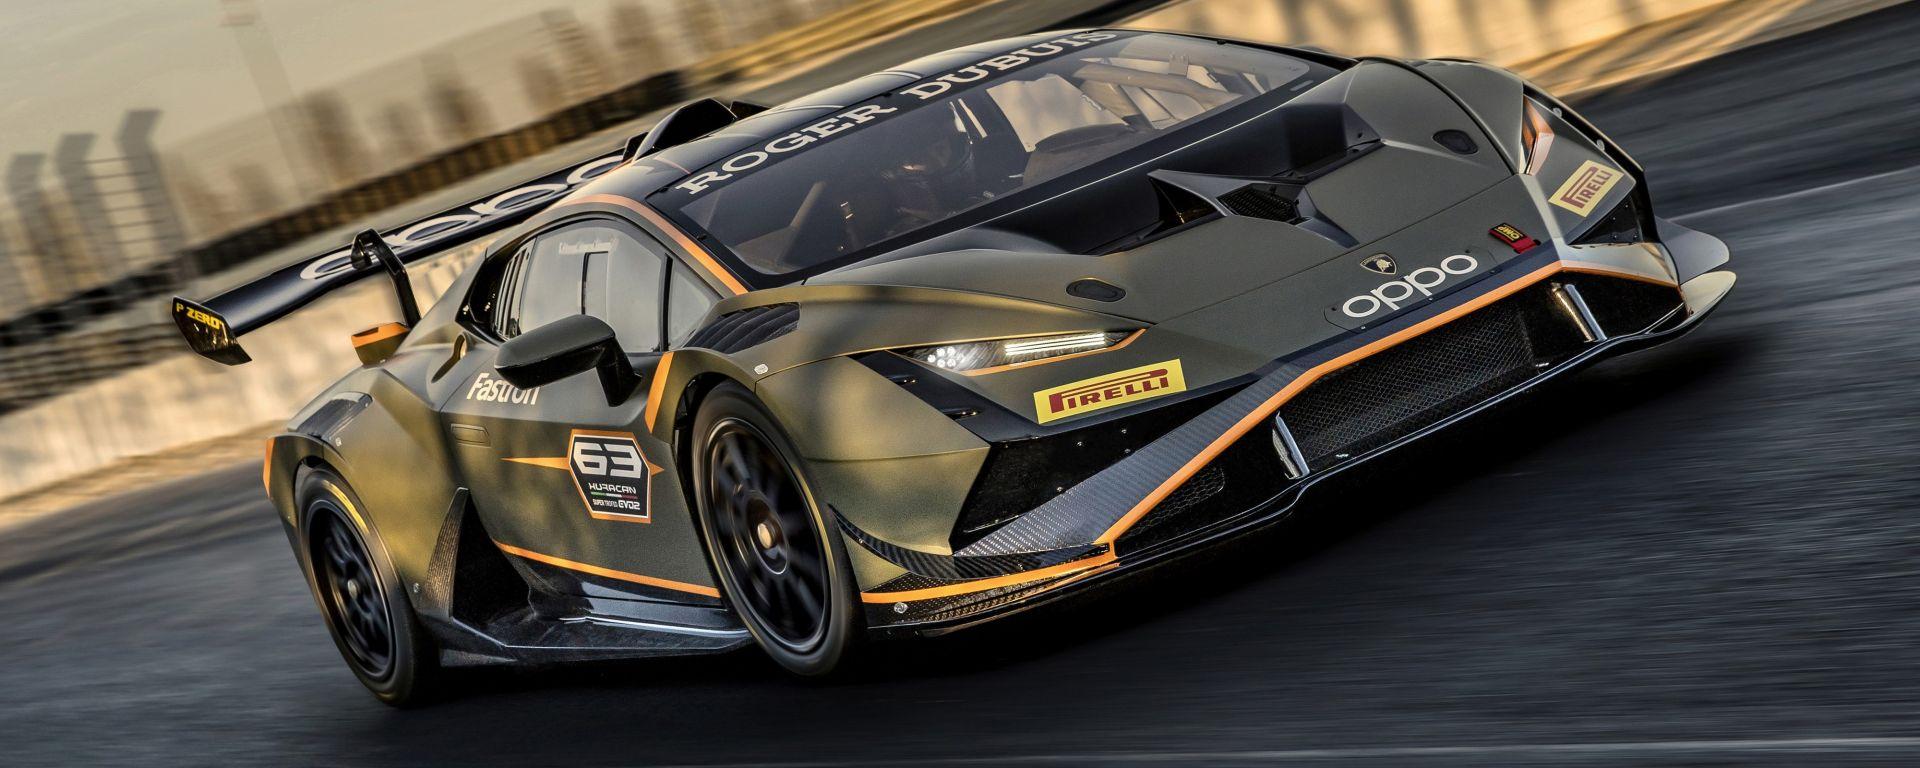 Lamborghini Huracán Super Trofeo EVO2 debutterà nel campionato monomarca 2022